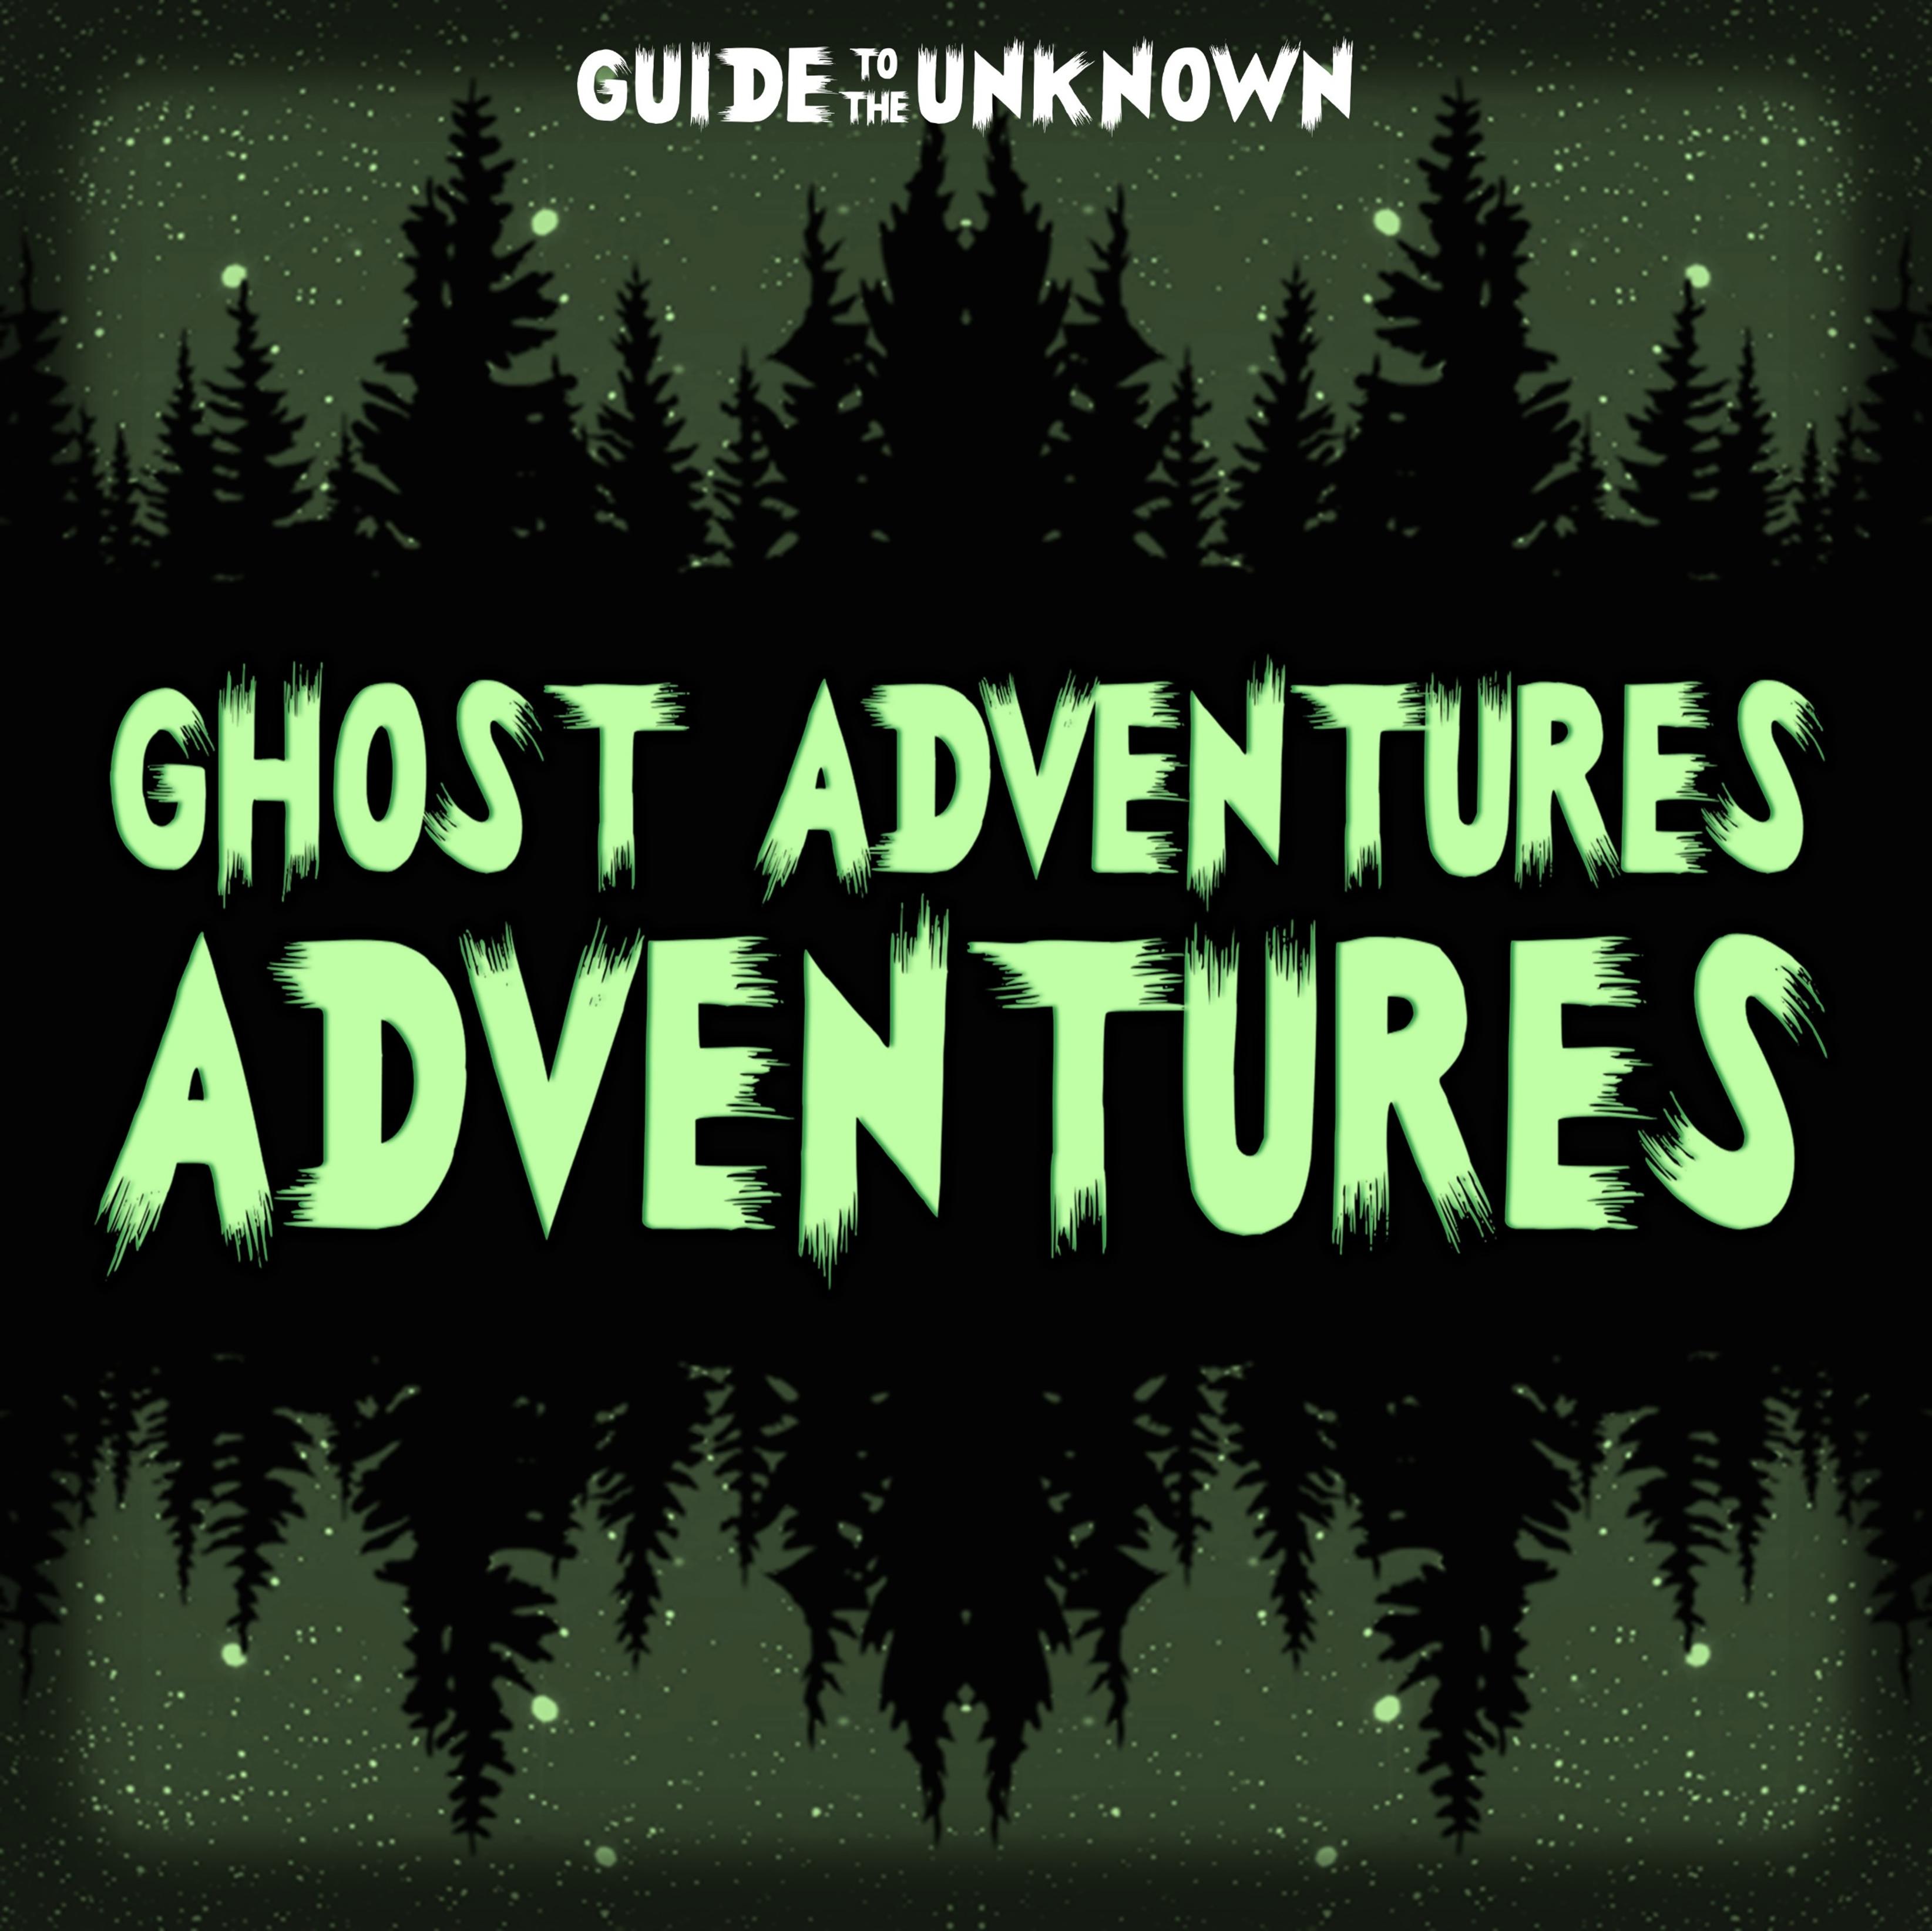 Ghost Adventures Adventures